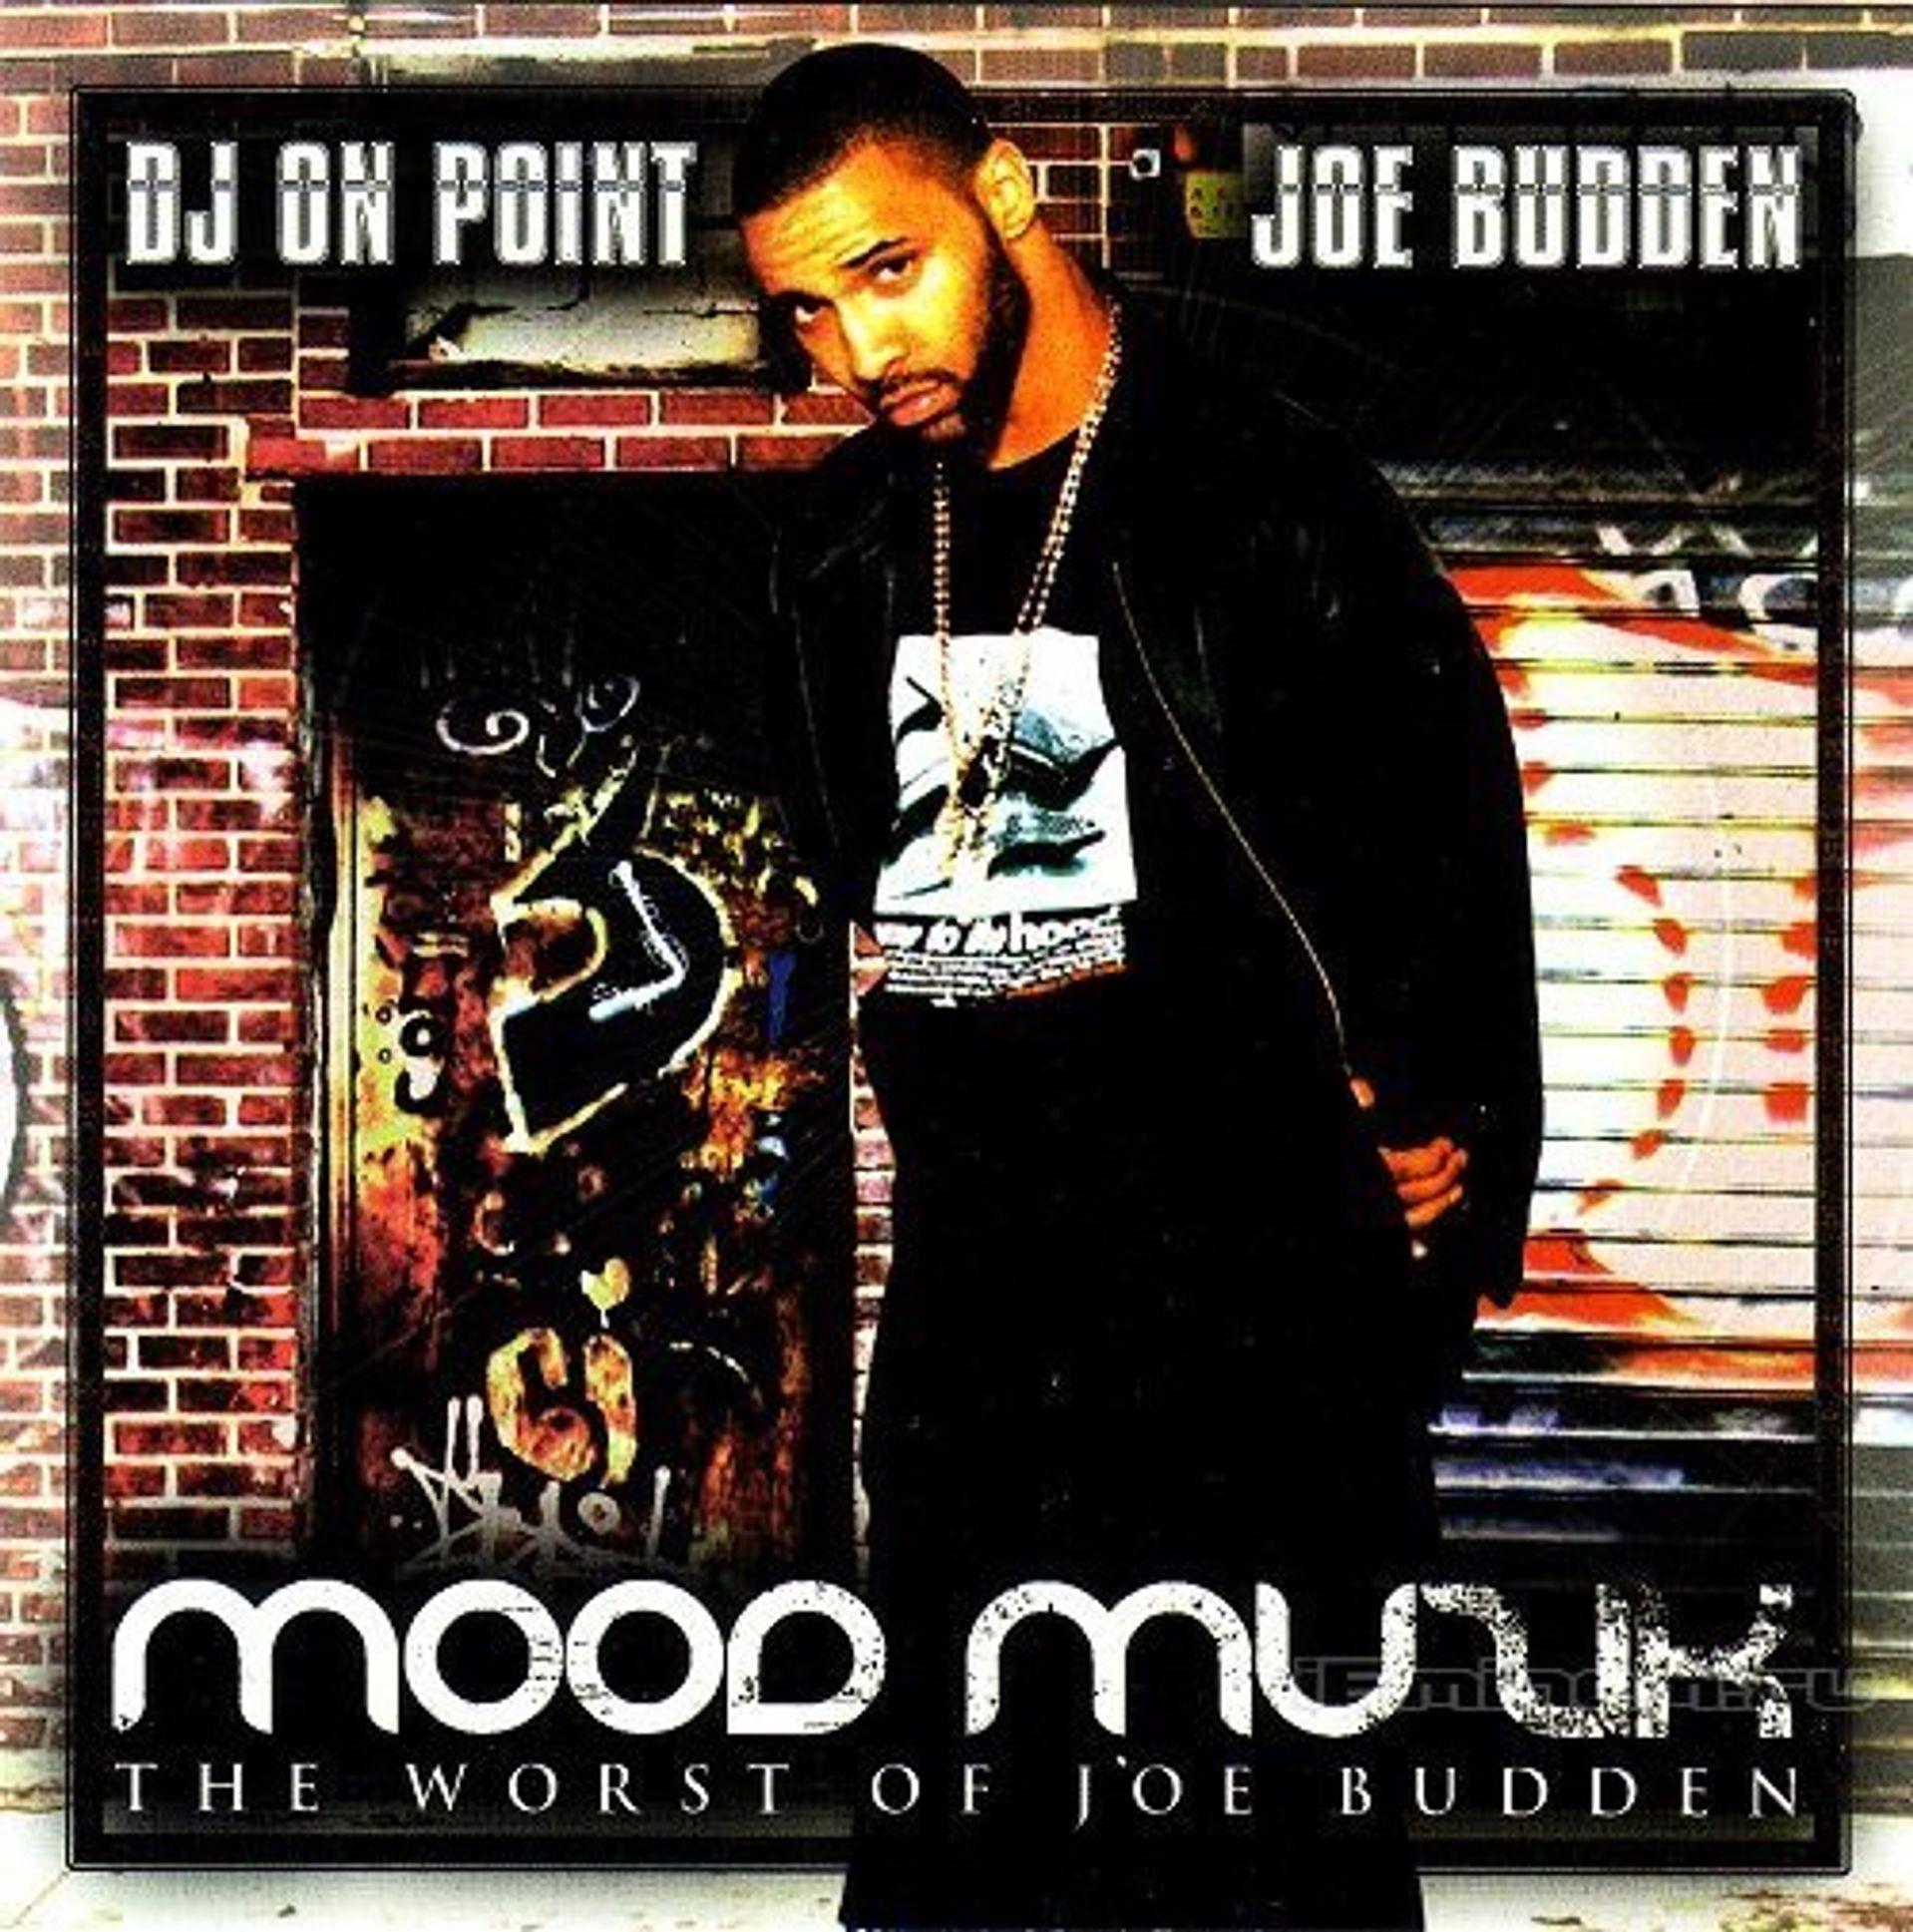 Album Title: Mood Muzik: The Worst of Joe Budden by: Joe Budden